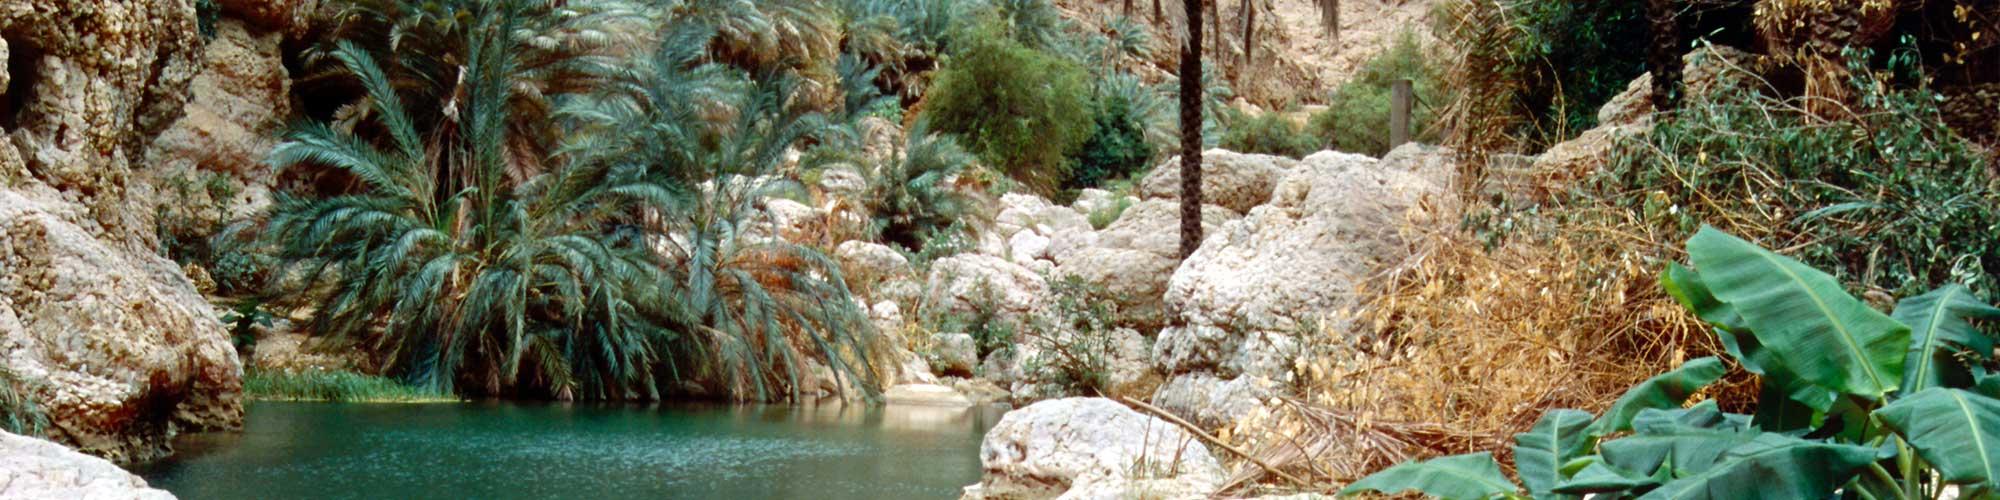 Omán, la tierra del incienso - EL PAÍS Viajes